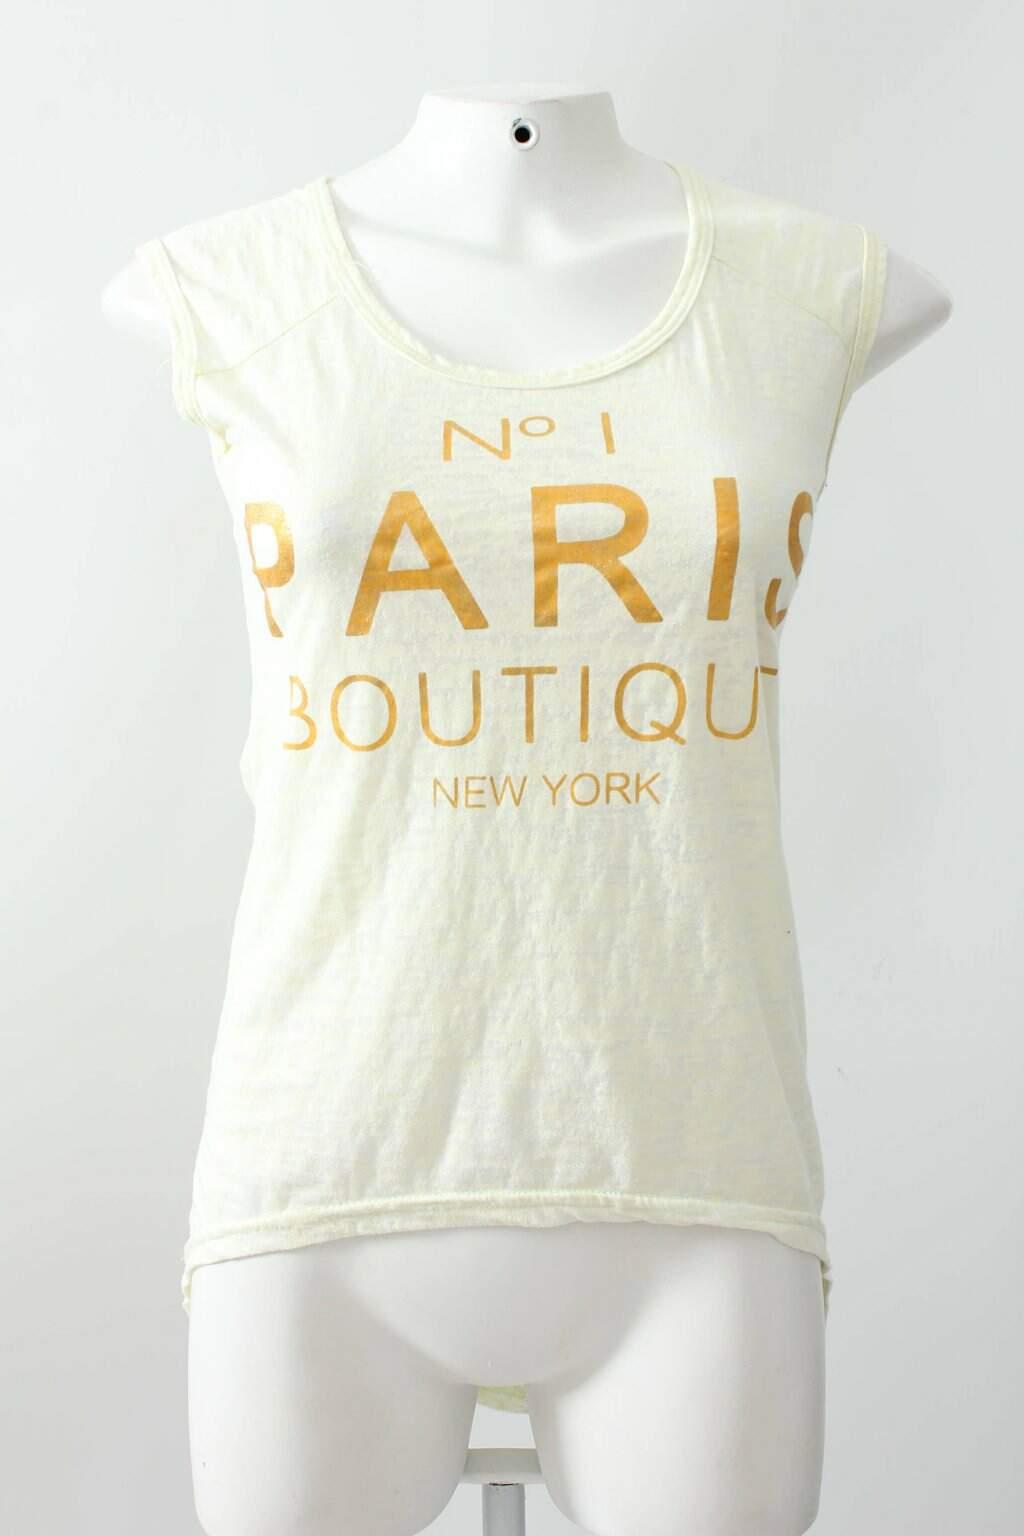 Blusa List Paris Boutique